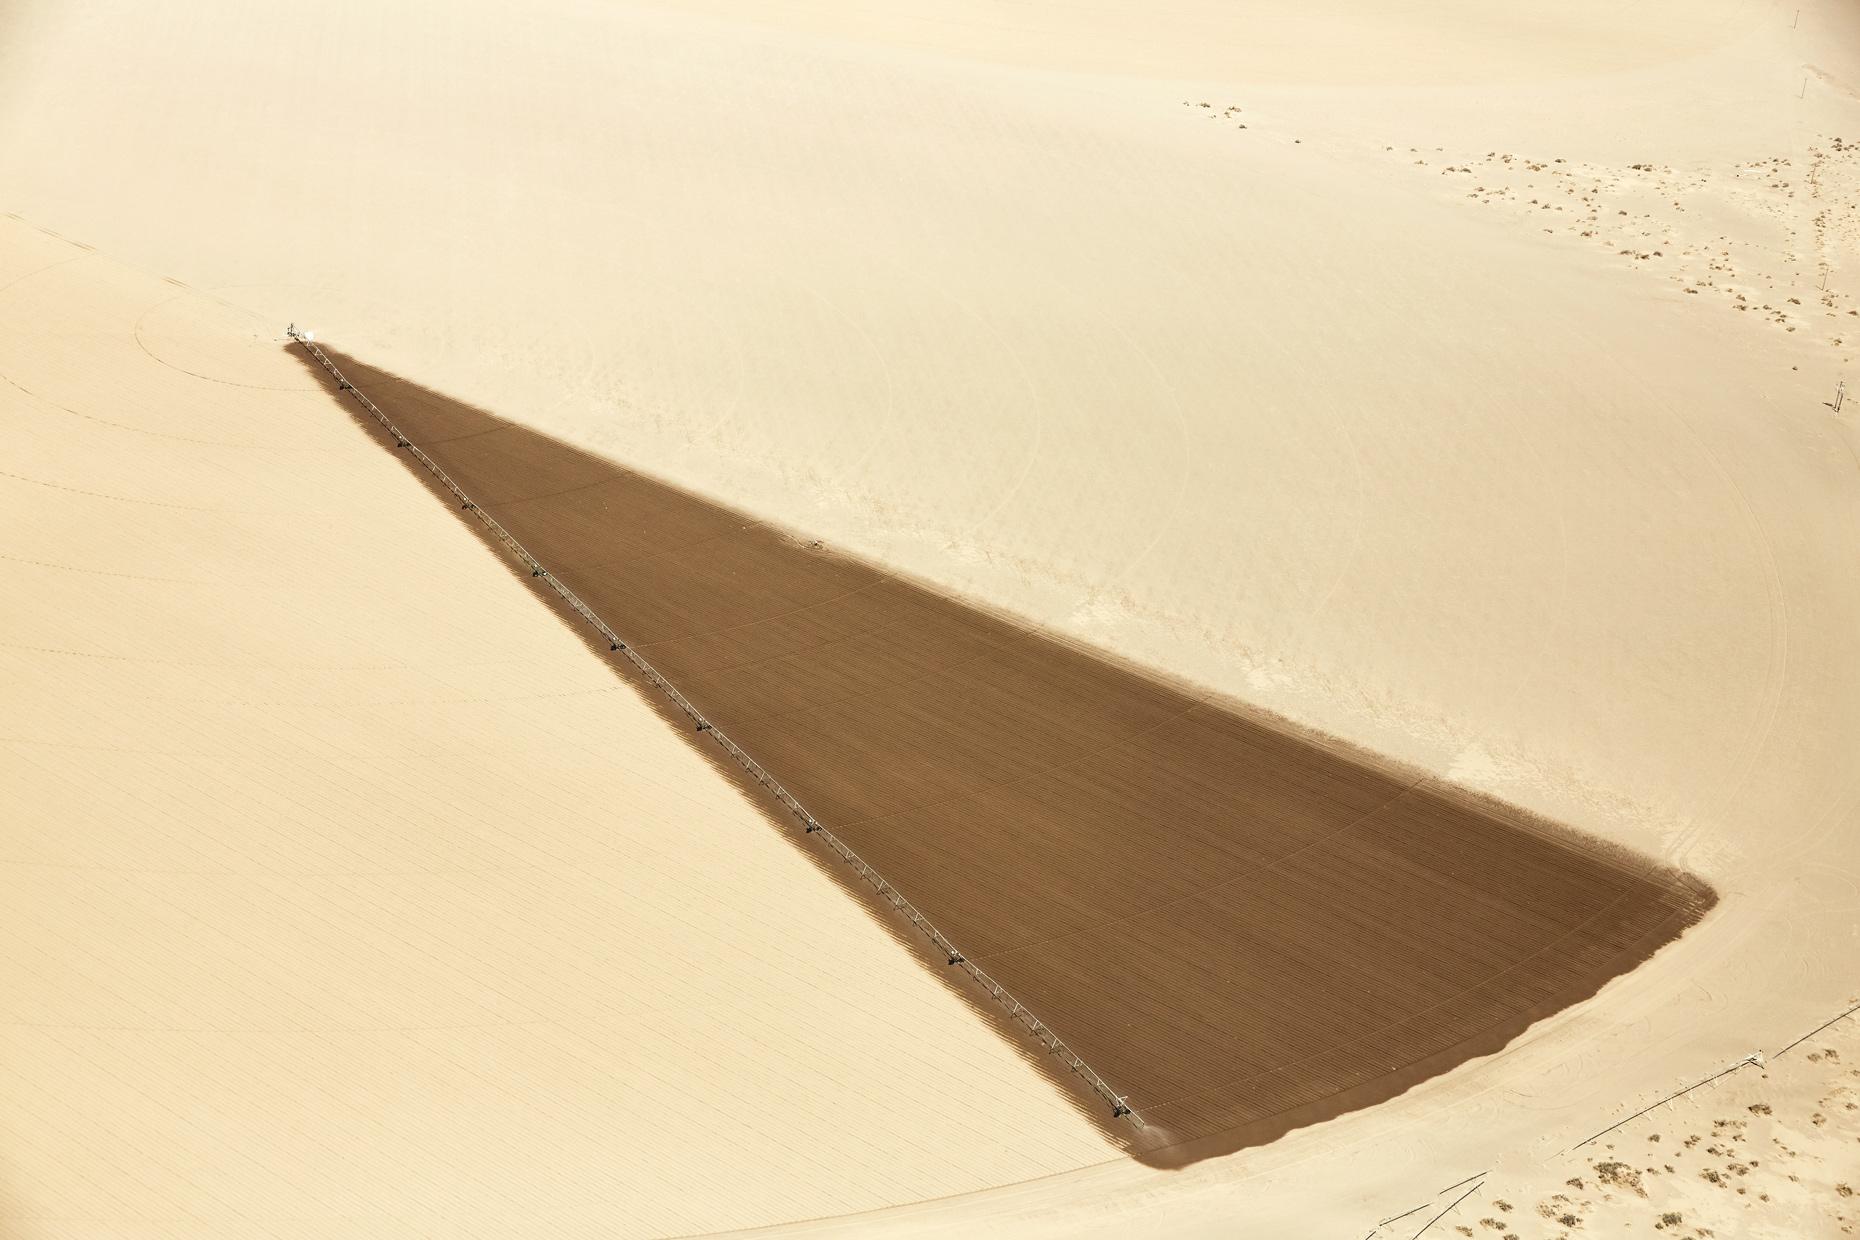 Aerial Photography Derek Israelsen Slice of Pie